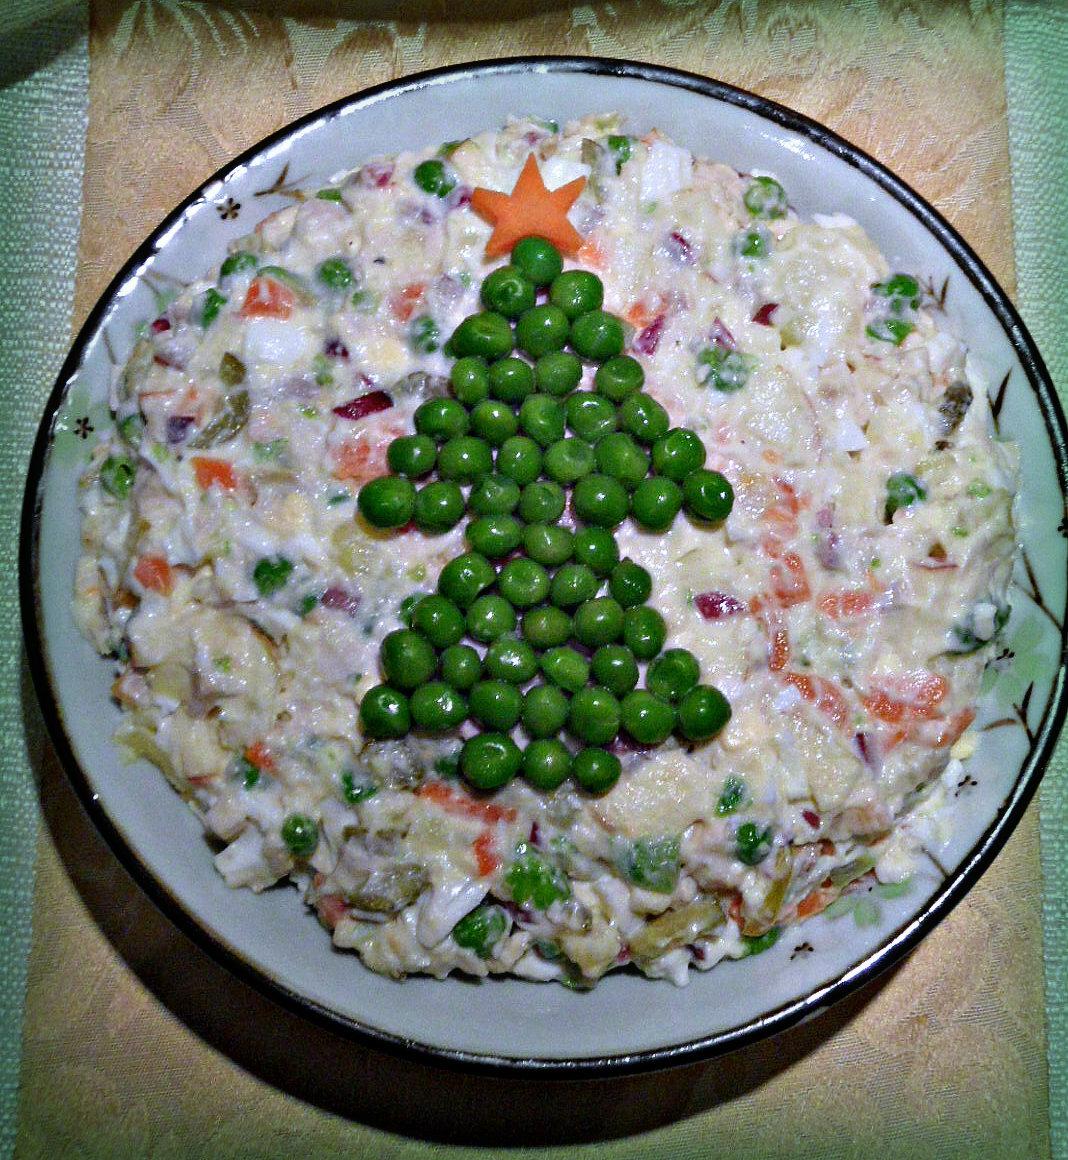 сальных новогодние салаты быстро и просто фото отделочным материалом душевой